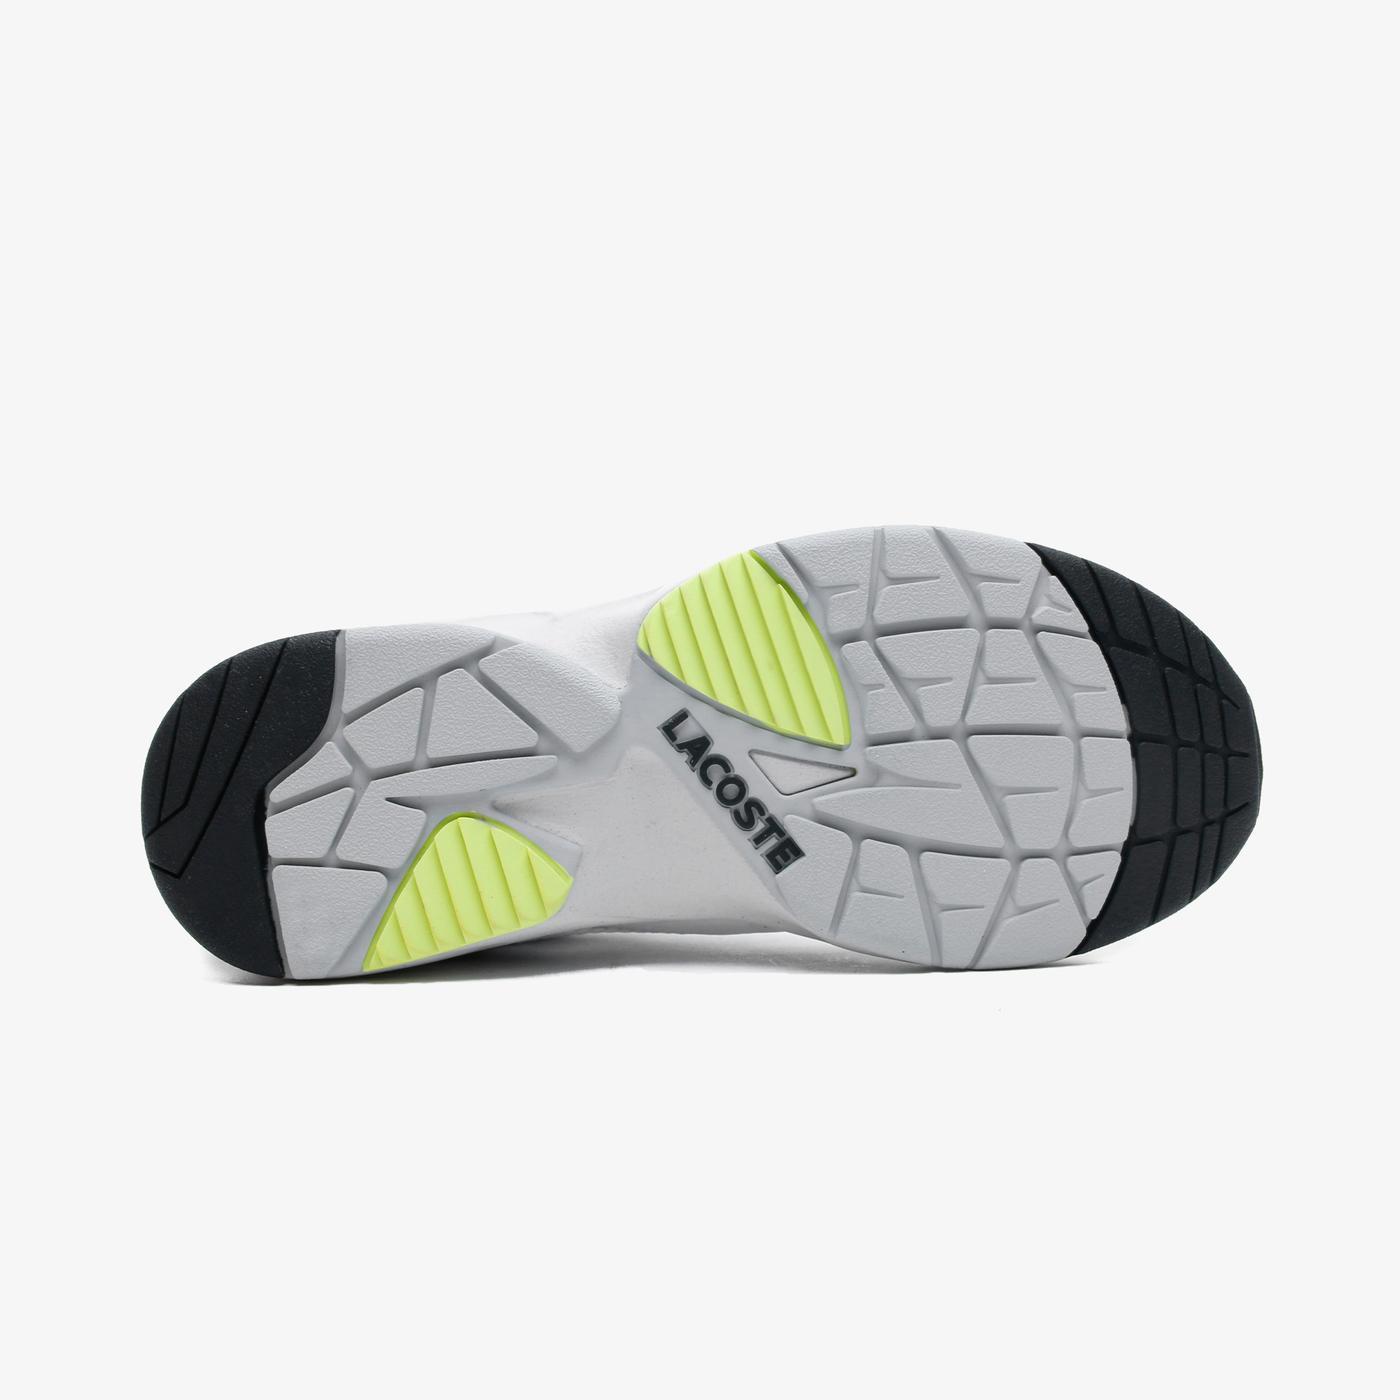 Lacoste Storm 96 Nano07211 Sma Erkek Beyaz - Sarı Spor Ayakkabı